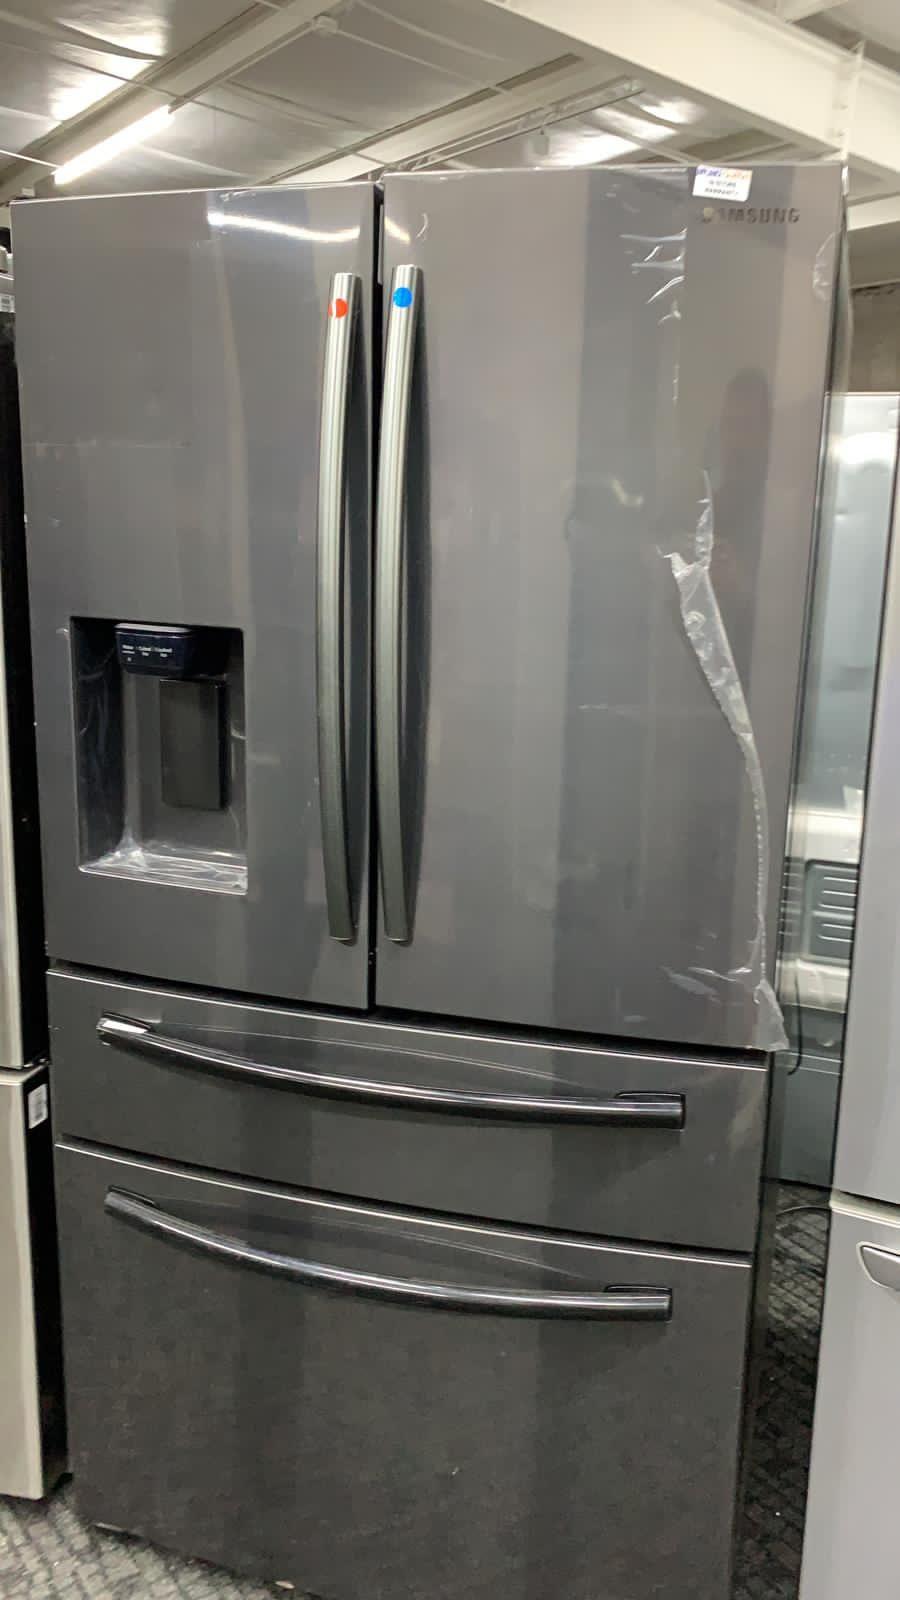 Samsung Stainless Steel 4 Door Fridge